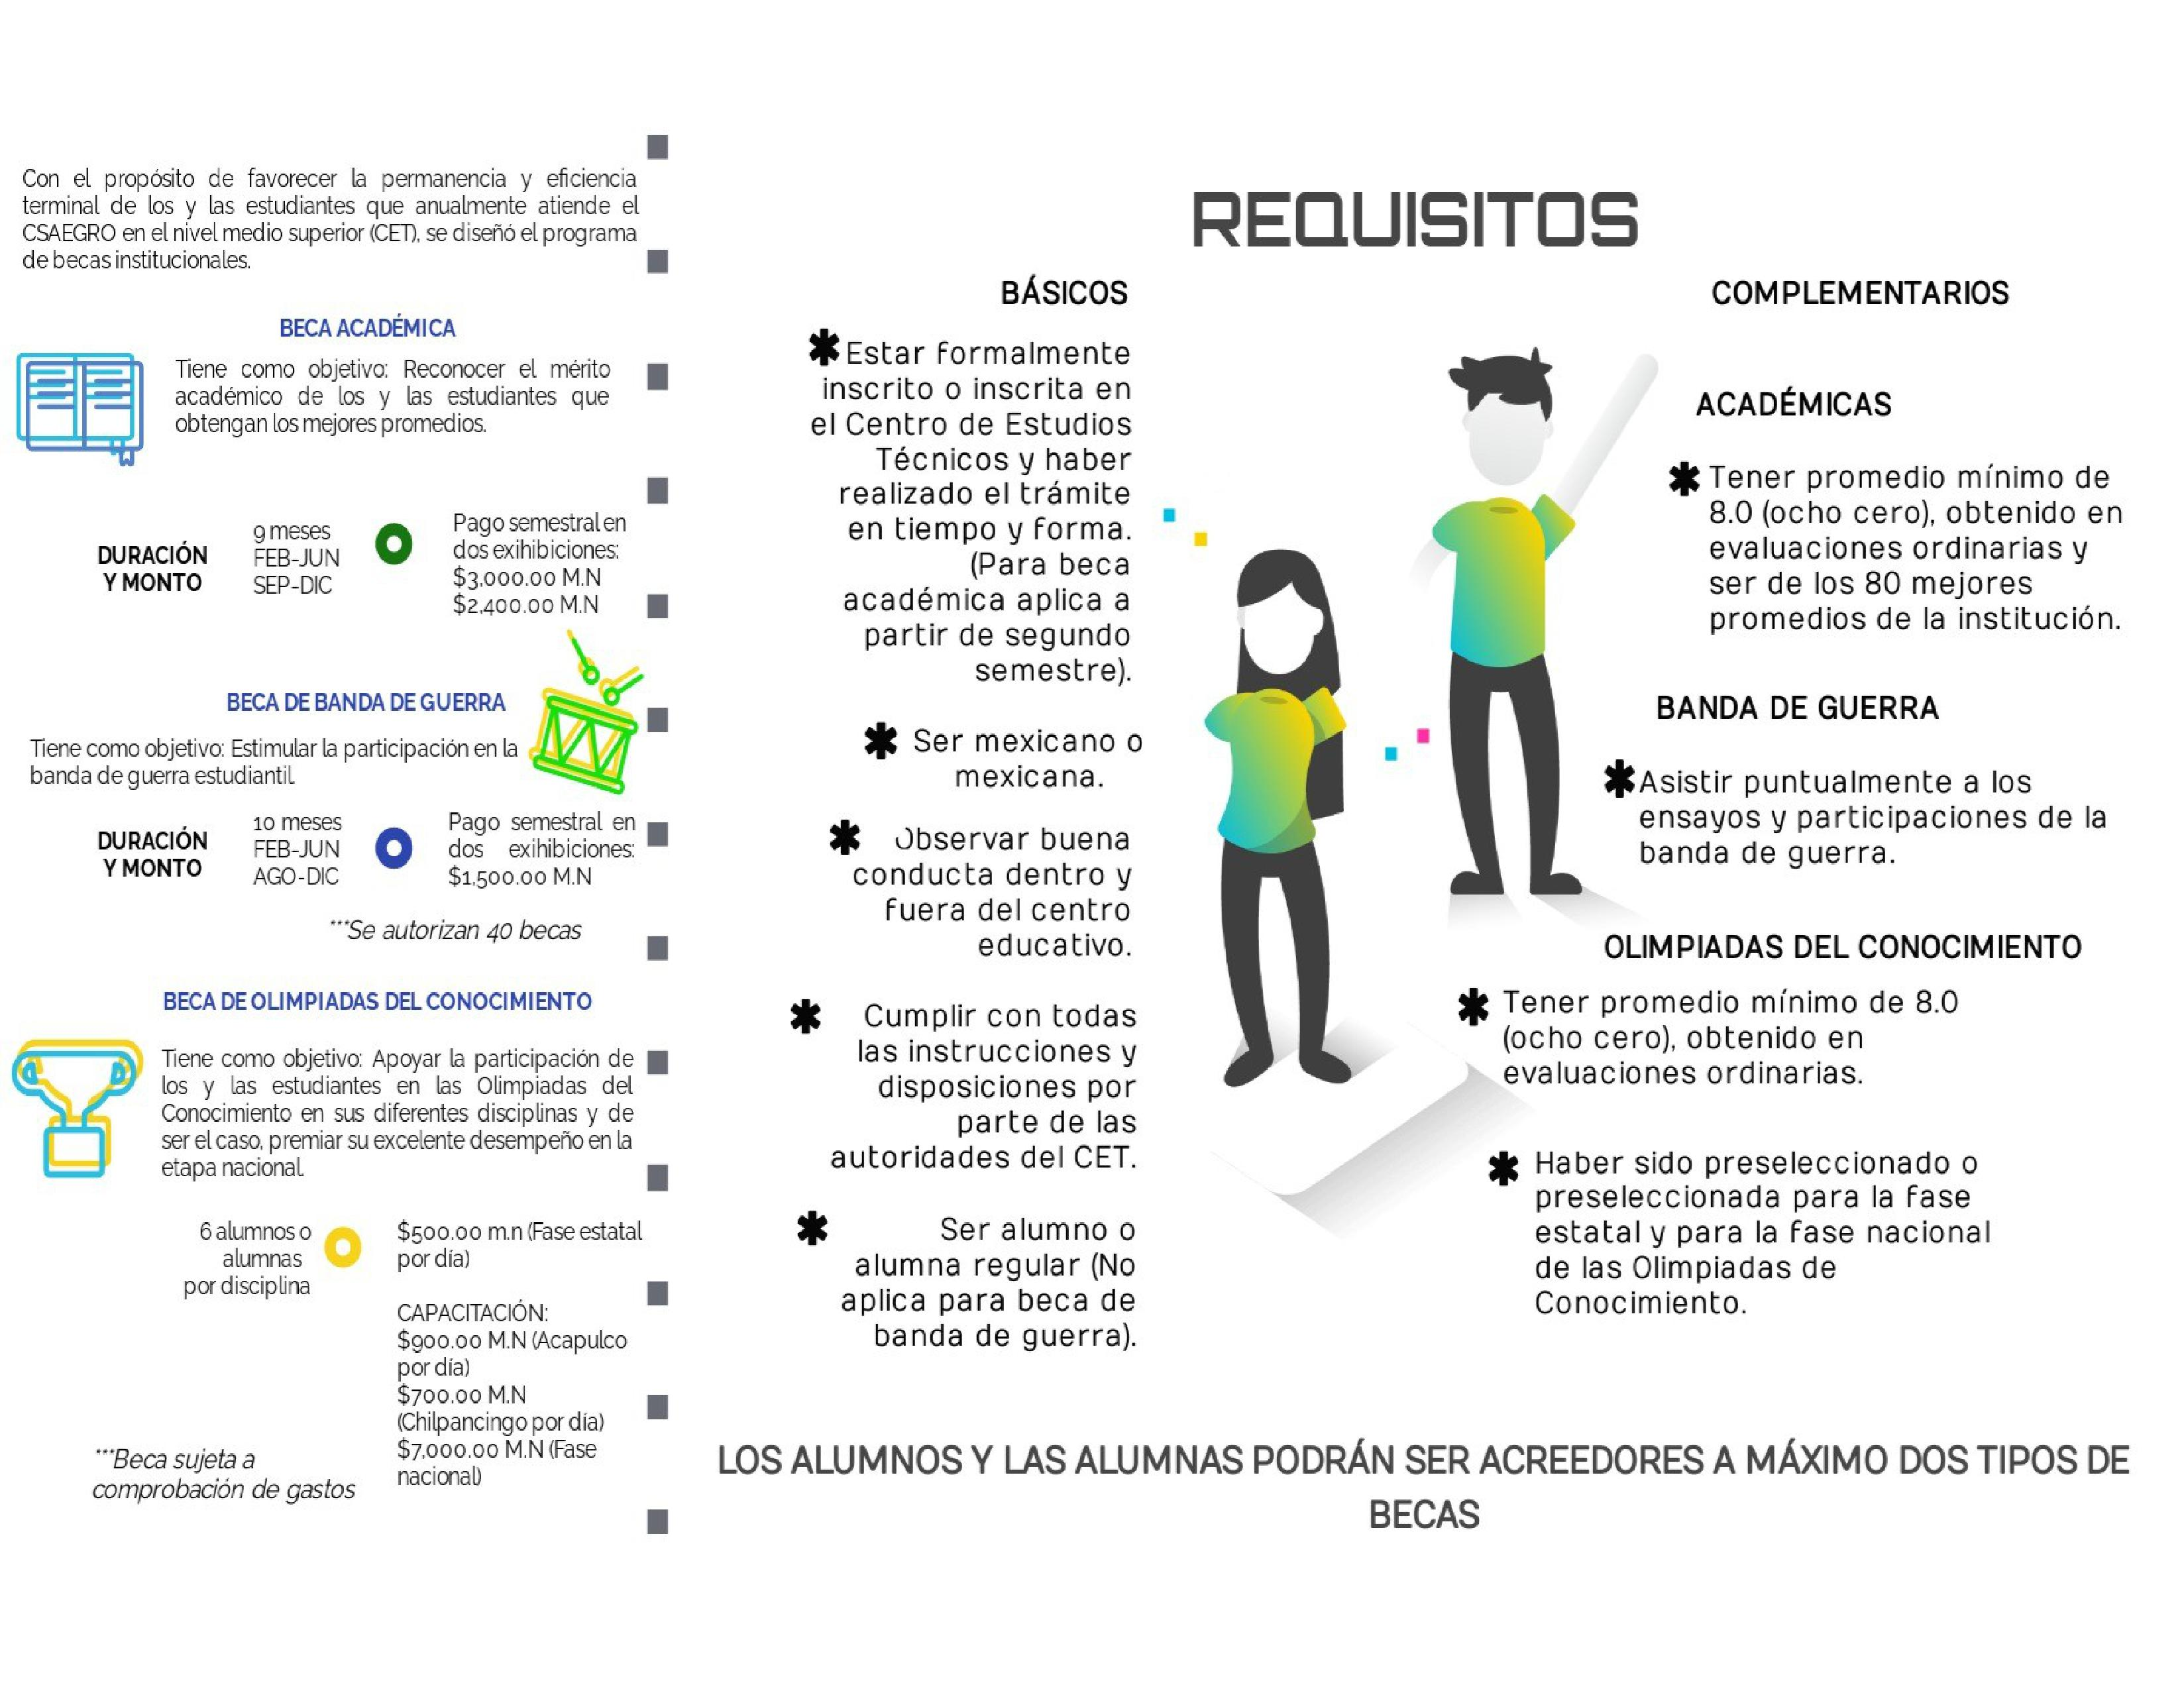 triptico-becas-ccs-cet-2020 (2)